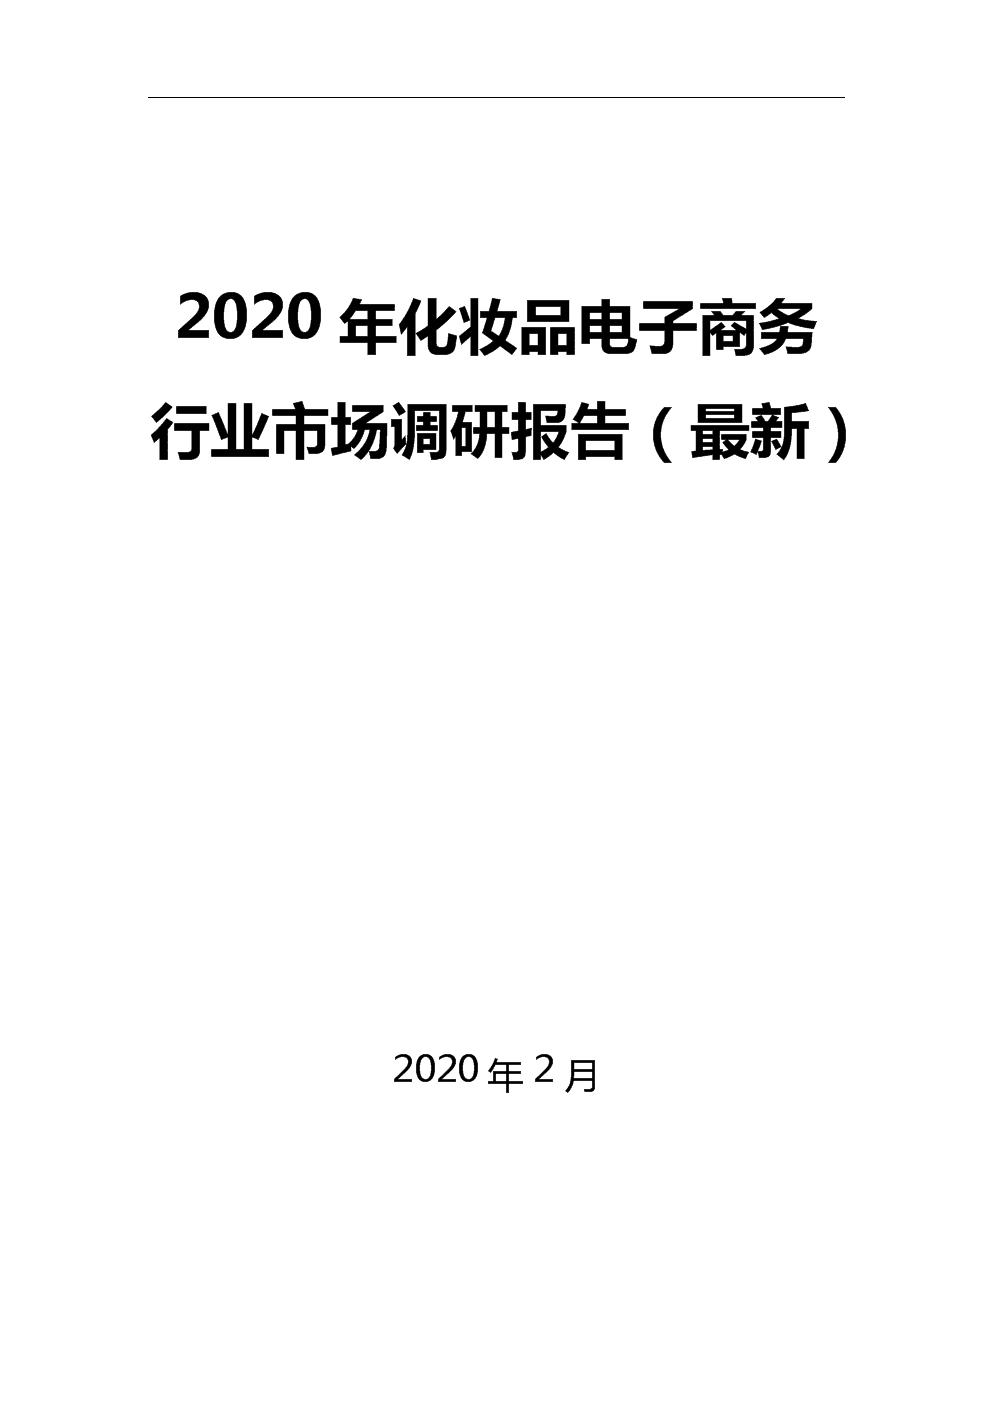 2020年化妆品电子商务行业市场调研报告(最新).docx